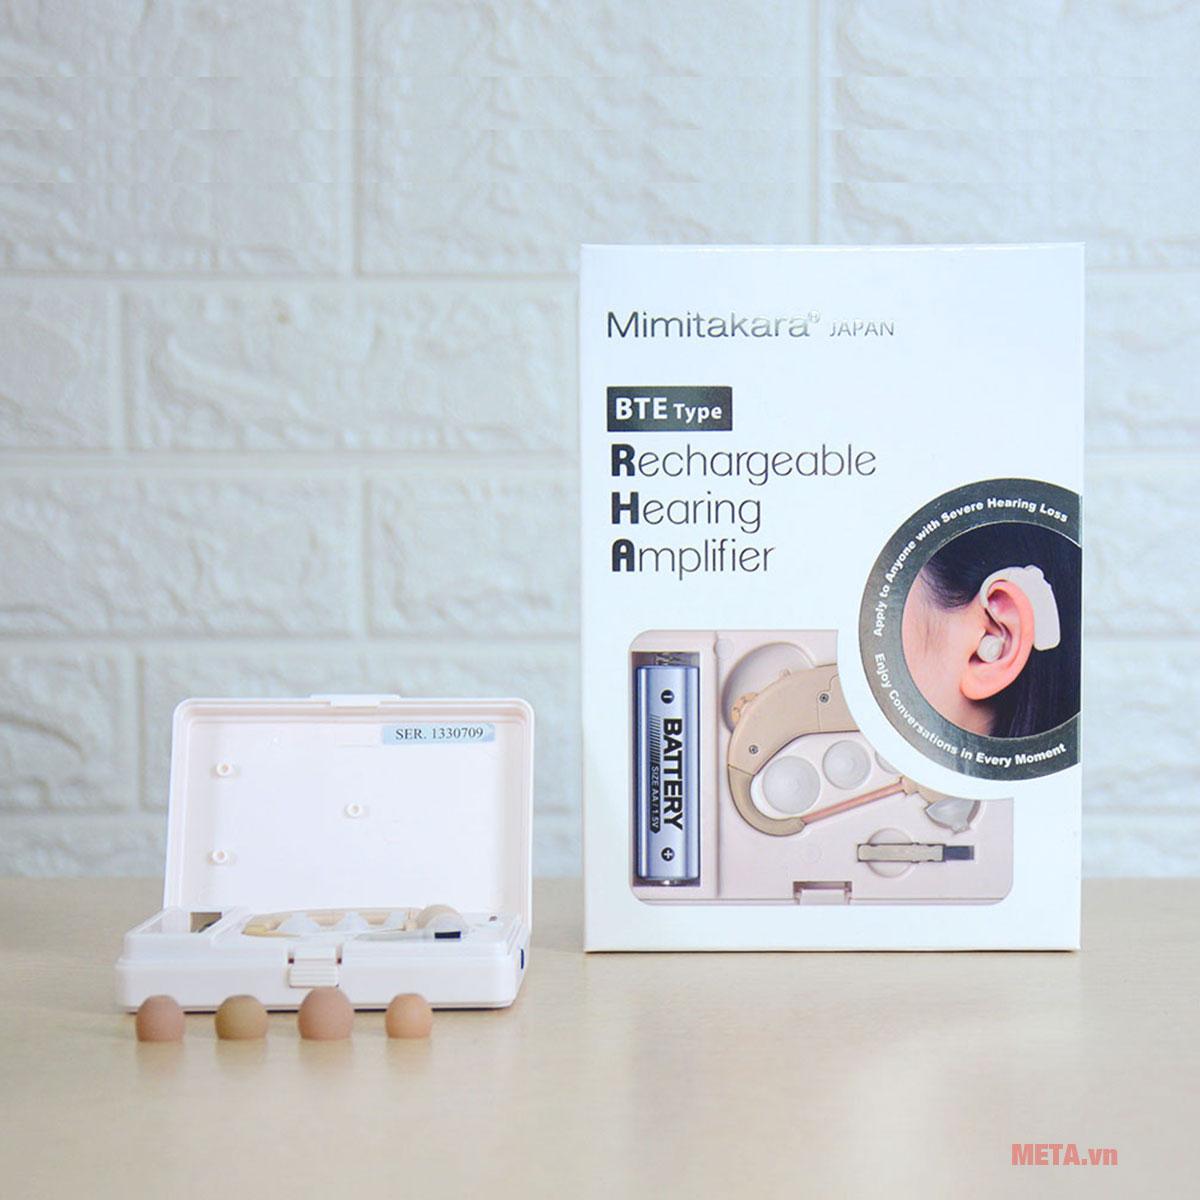 Máy trợ thính không dây Mimitakara UP-64K trang bị phụ kiện đi kèm